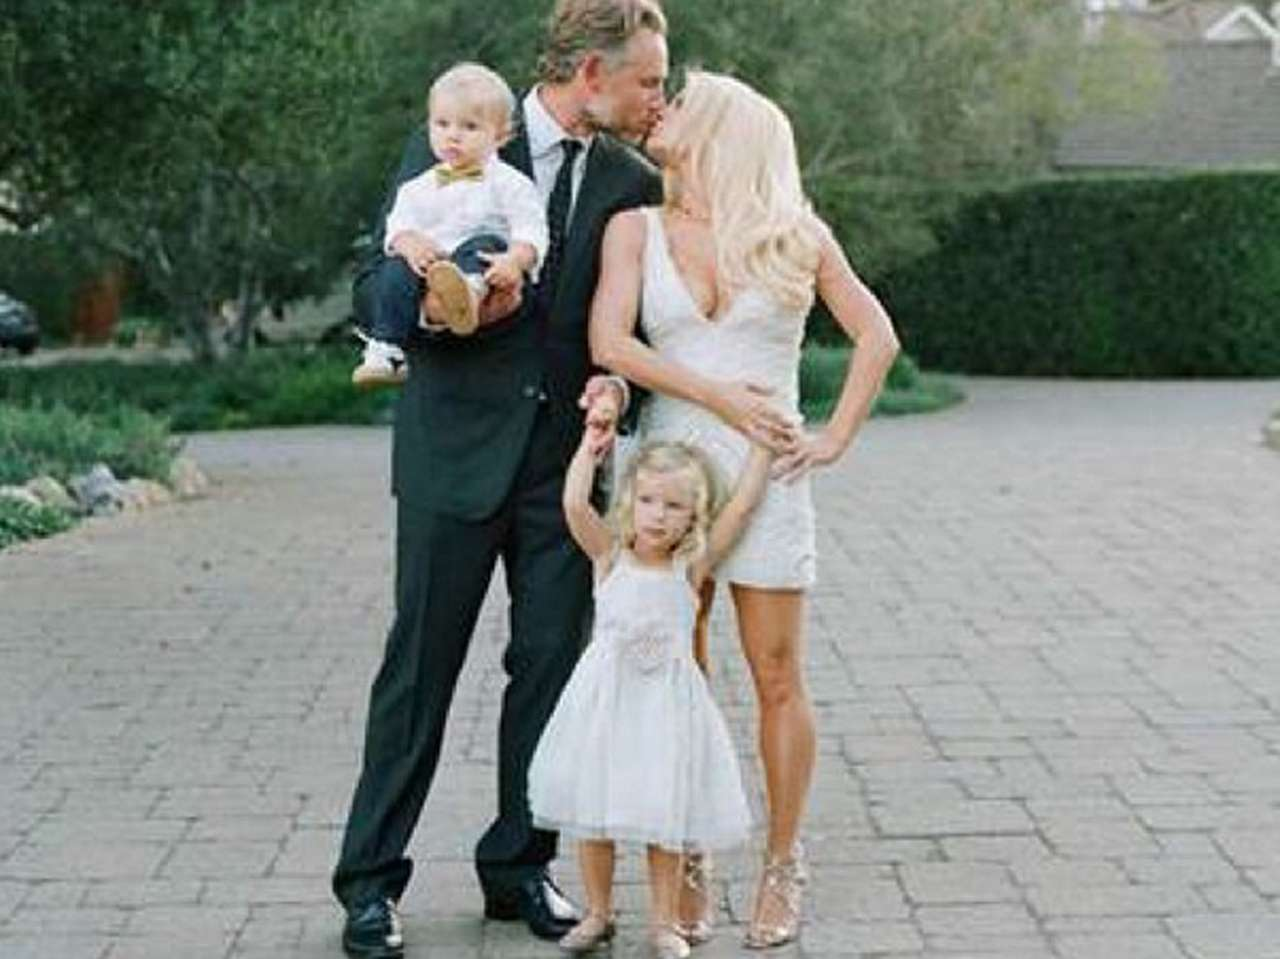 Familia de Jessica Simpson. Foto: Instagram.com/jessicasimpson